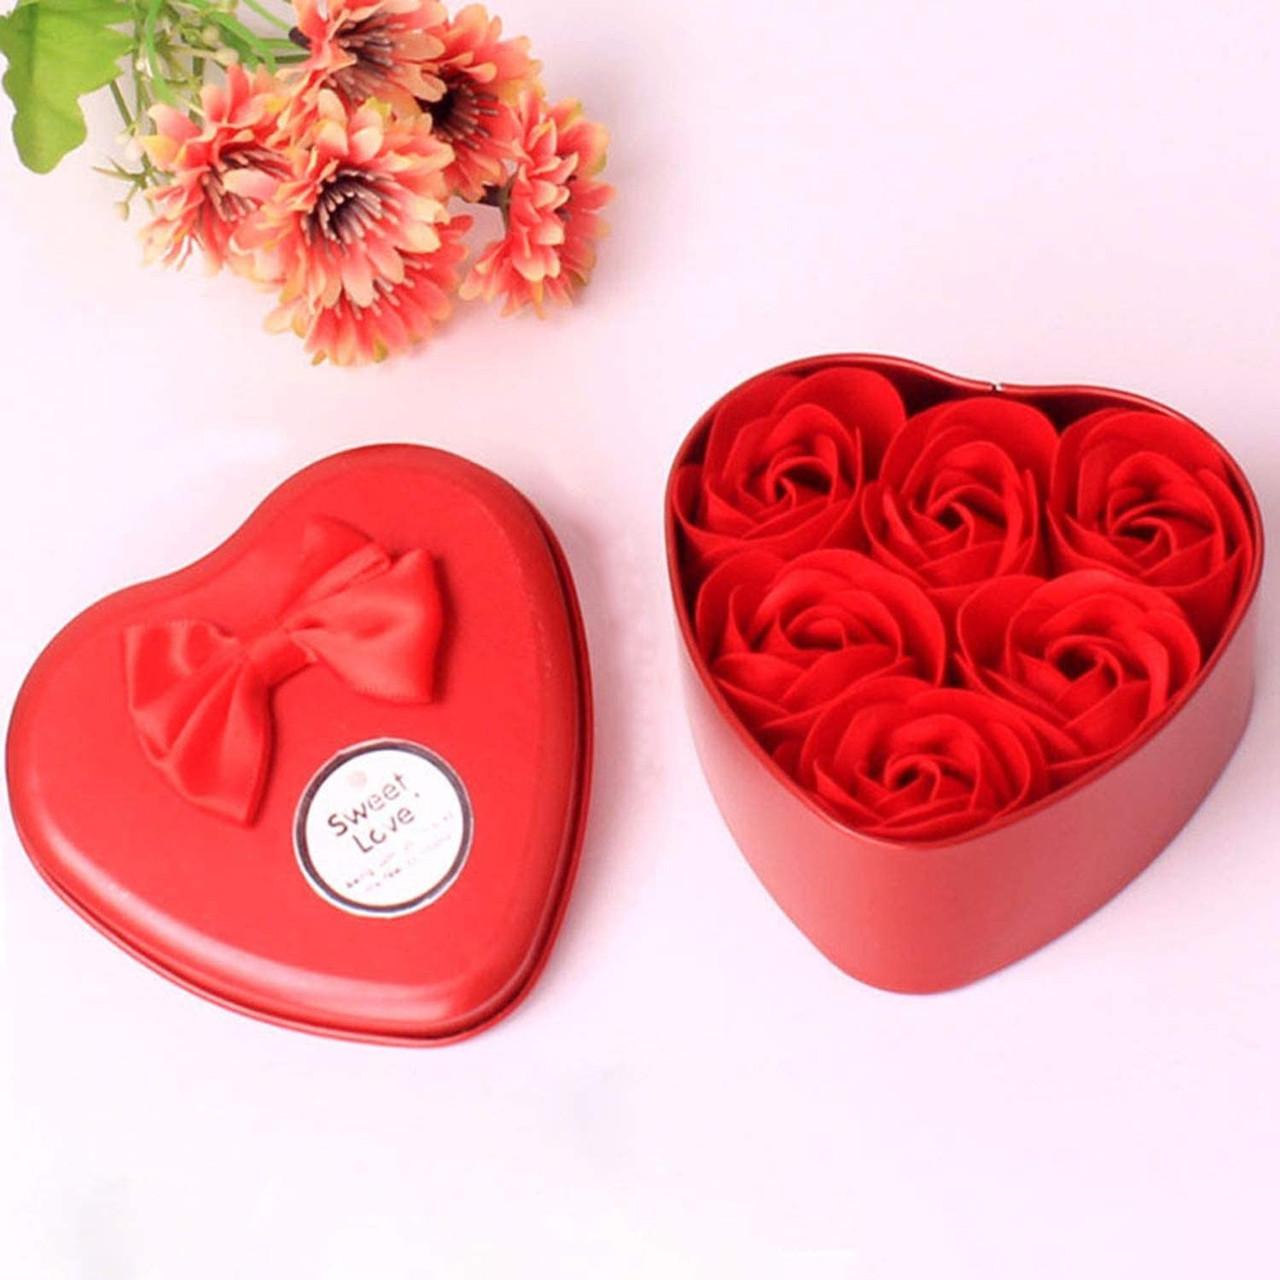 Подарочный набор - розы из мыла любимой, сувенирное ароматизированное мыло в виде роз с доставкой